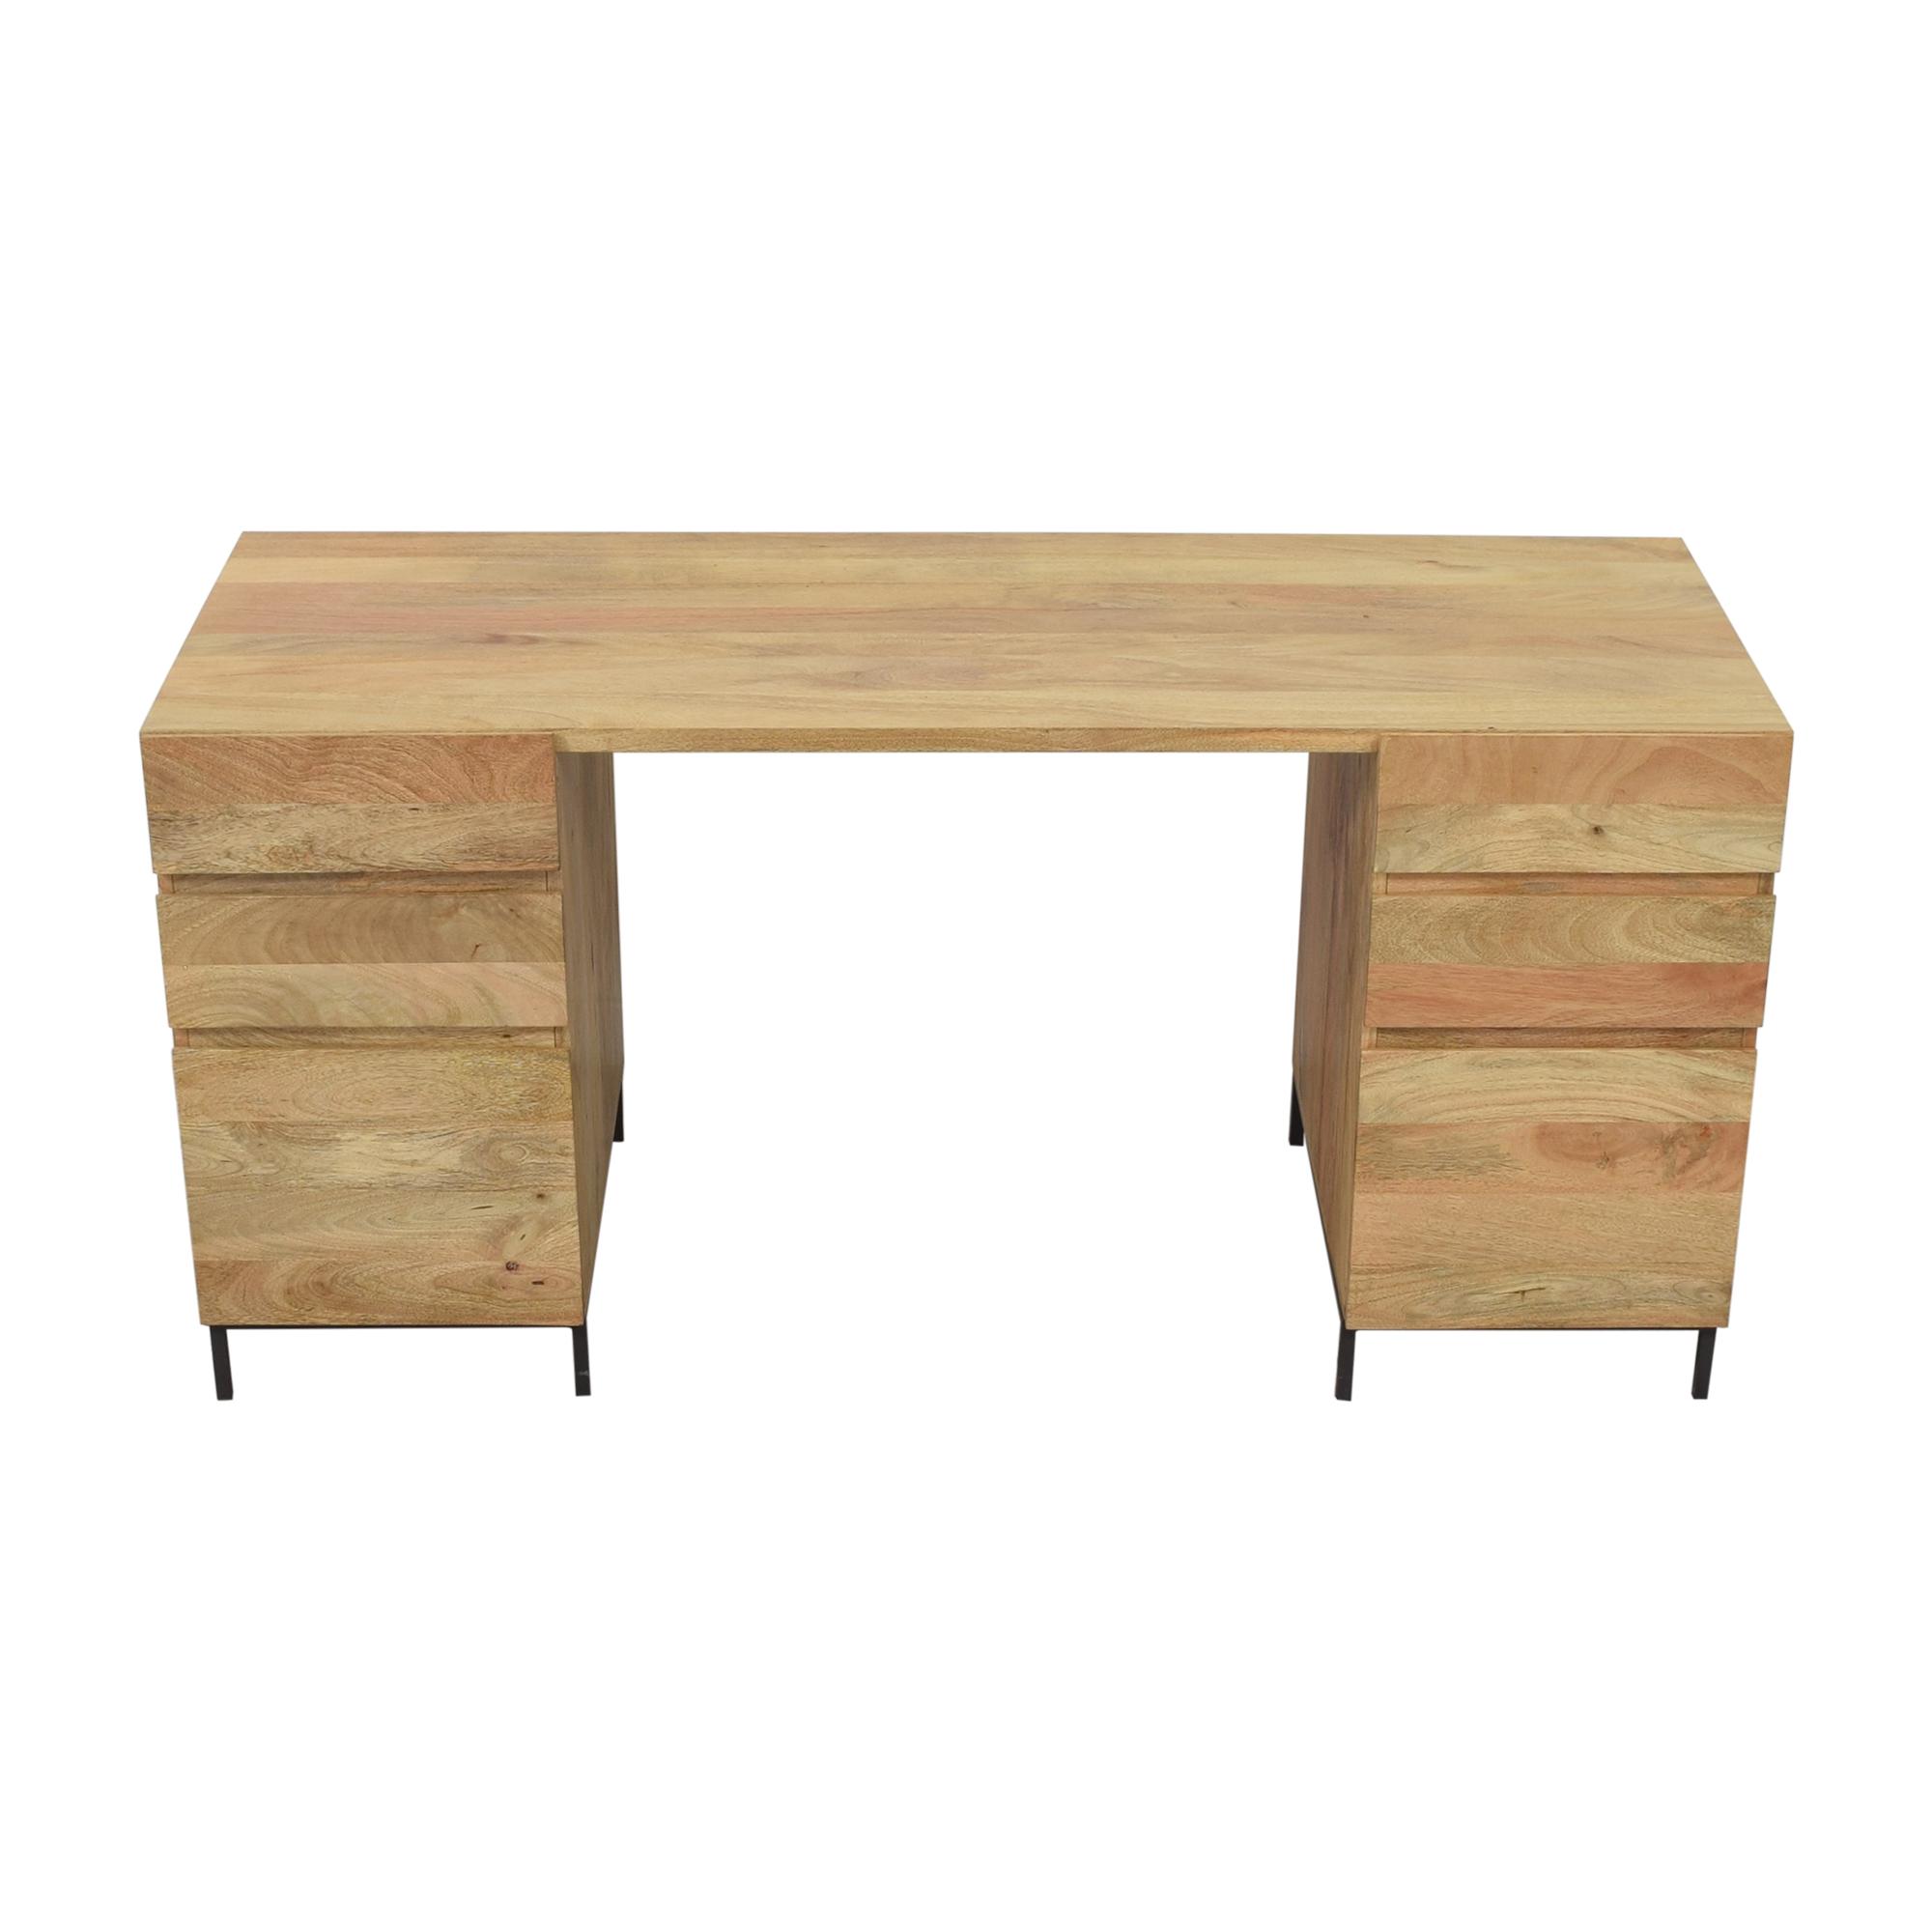 buy West Elm West Elm Desk Industrial Modular Desk Set online